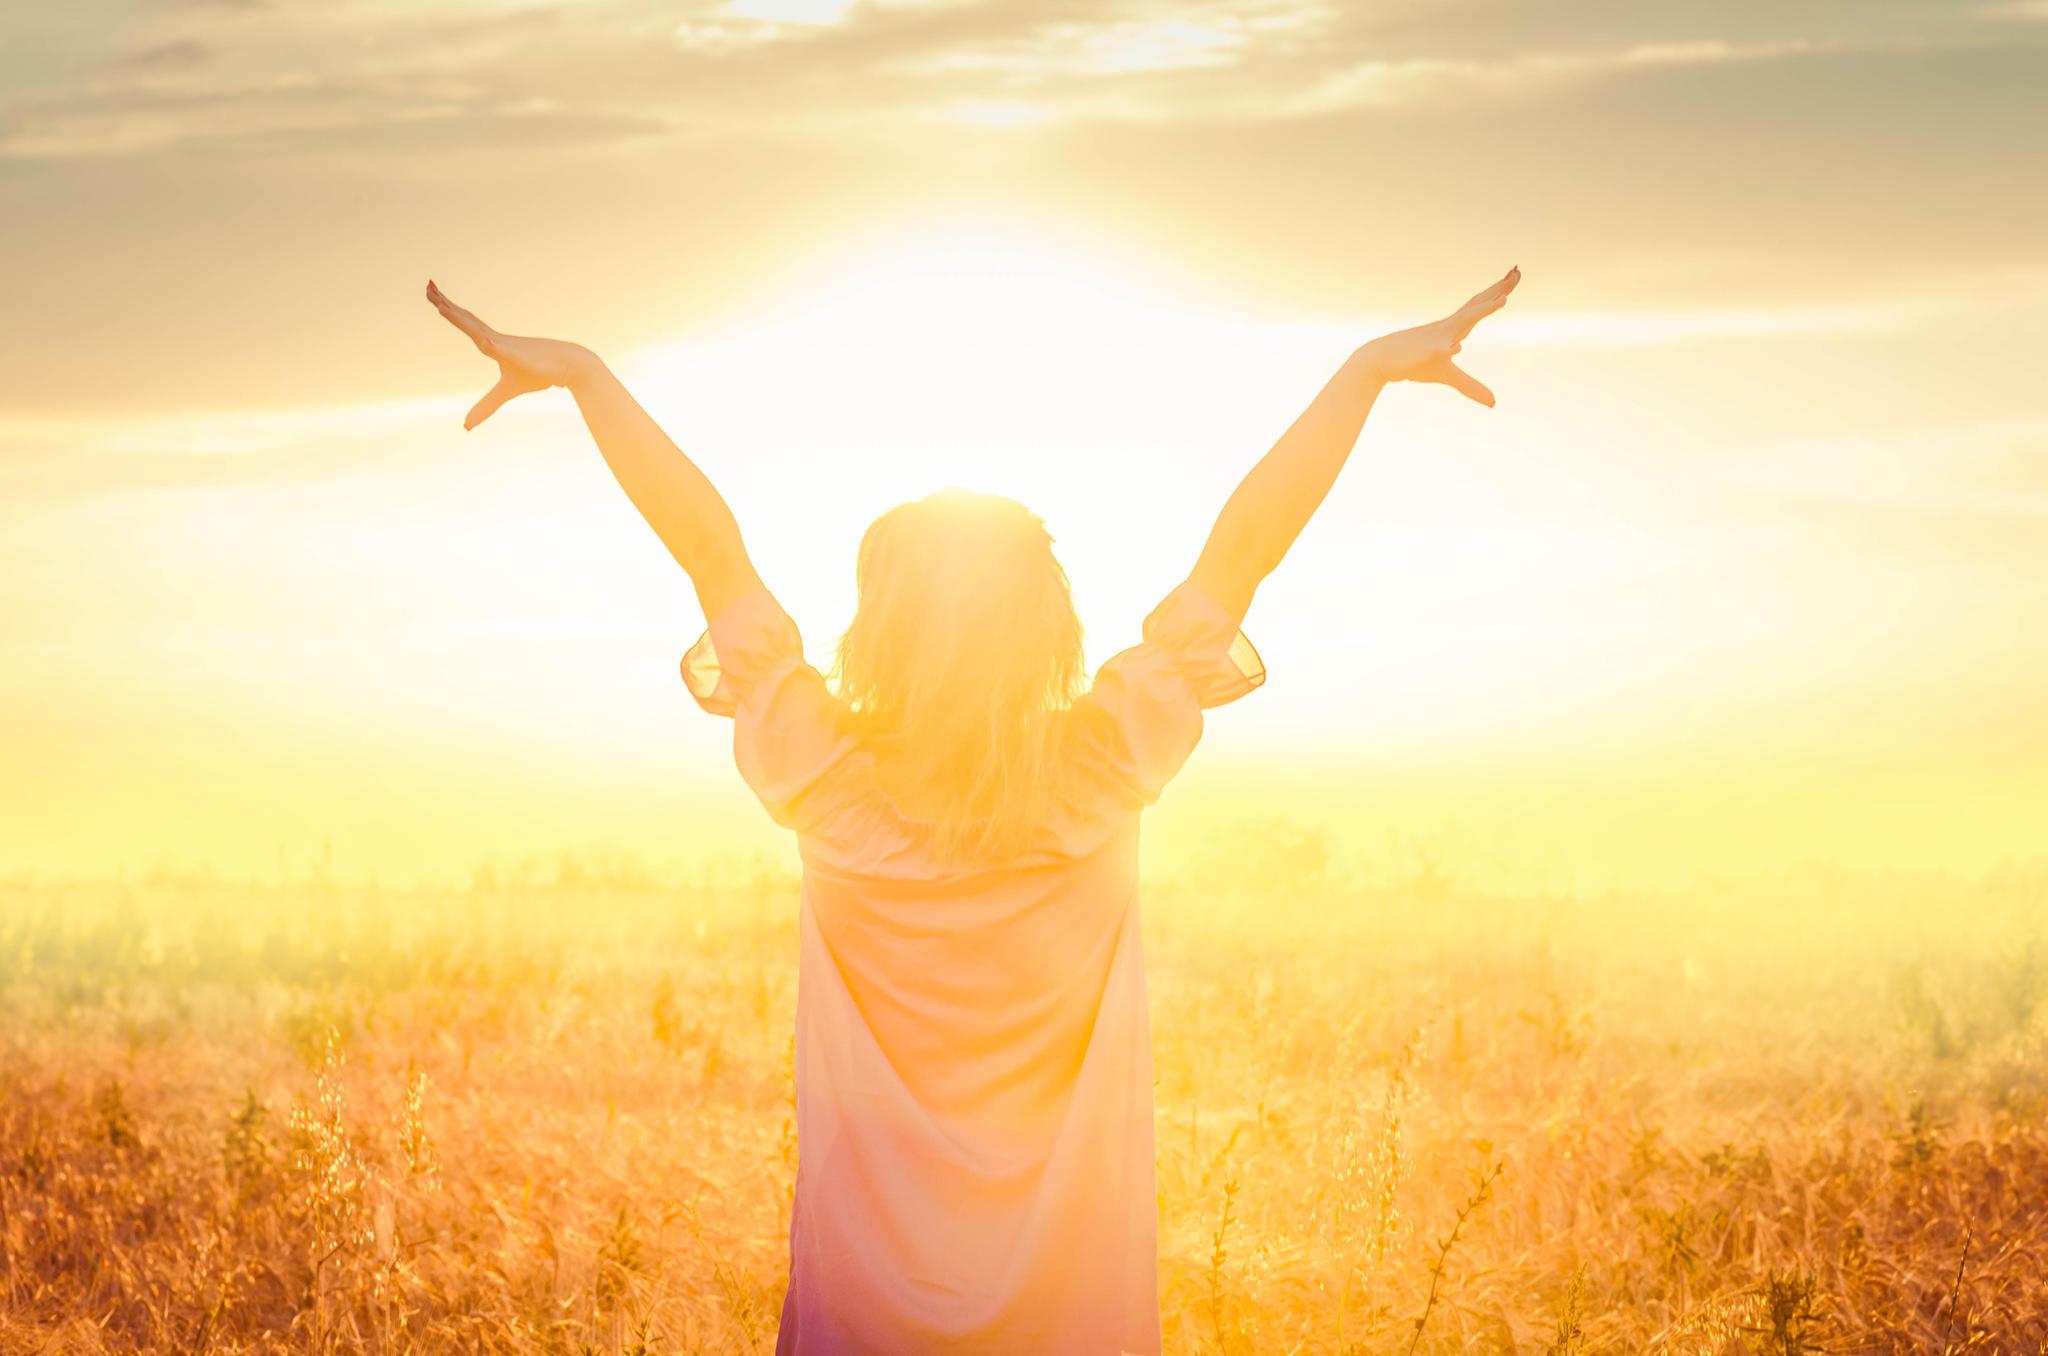 Der beste Zeitpunkt, den Vitamin-D-Wert messen zu lassen, ist im Winter. Der Arzt kann dann erkennen, ob der Körper überhaupt in der Lage ist, den Speicher im Sommer selbst aufzufüllen